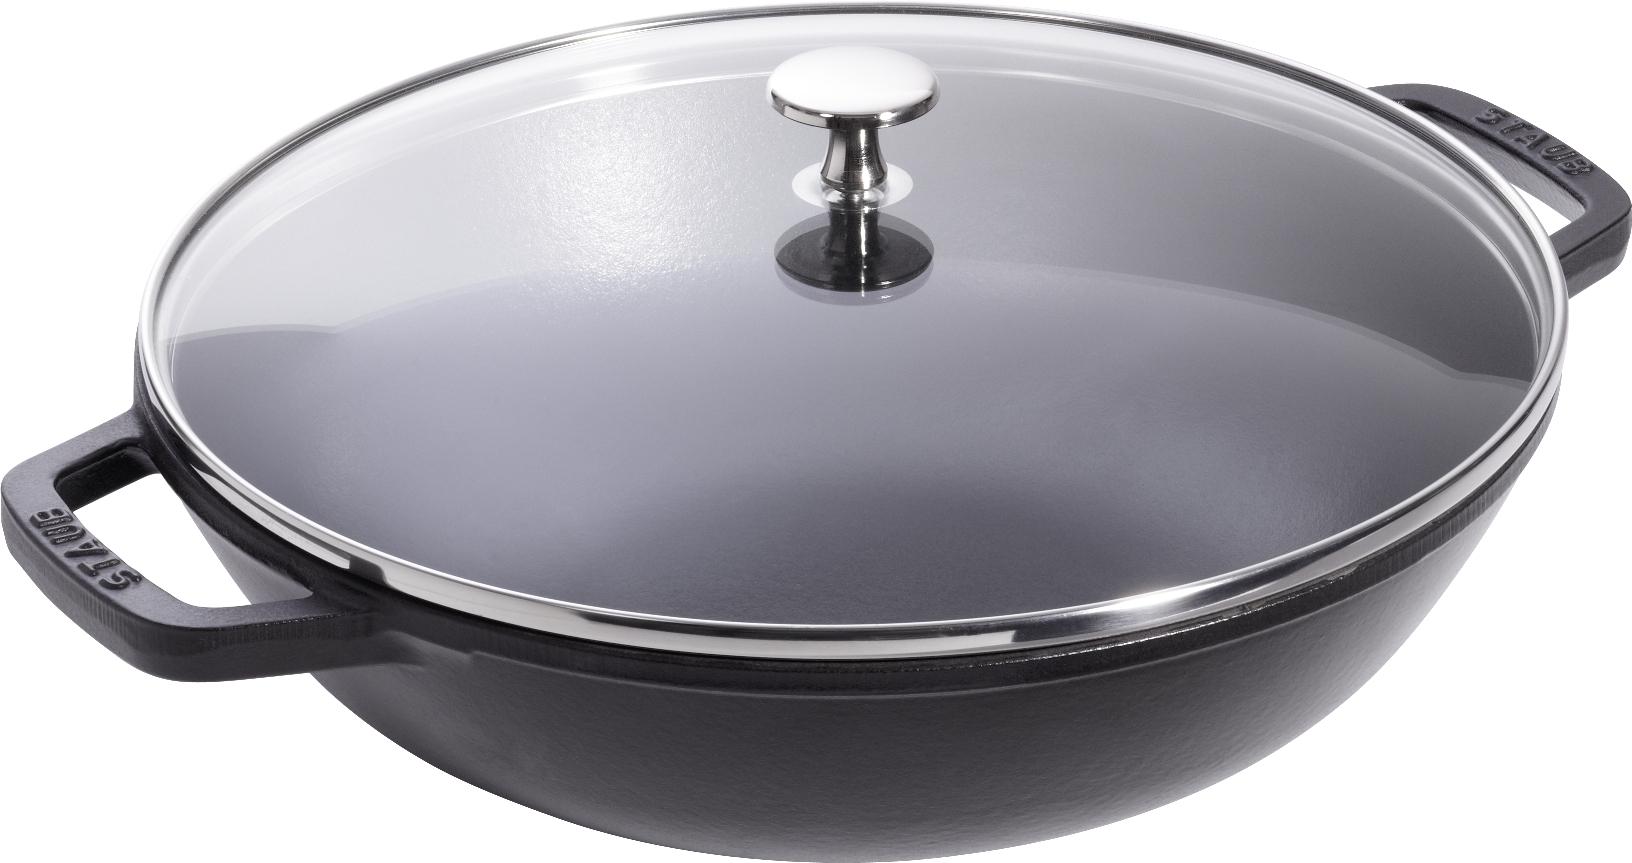 homann schenken kochen wohnen staub gusseisen wok schwarz 37 cm wokpfanne mit zubeh r induktion. Black Bedroom Furniture Sets. Home Design Ideas